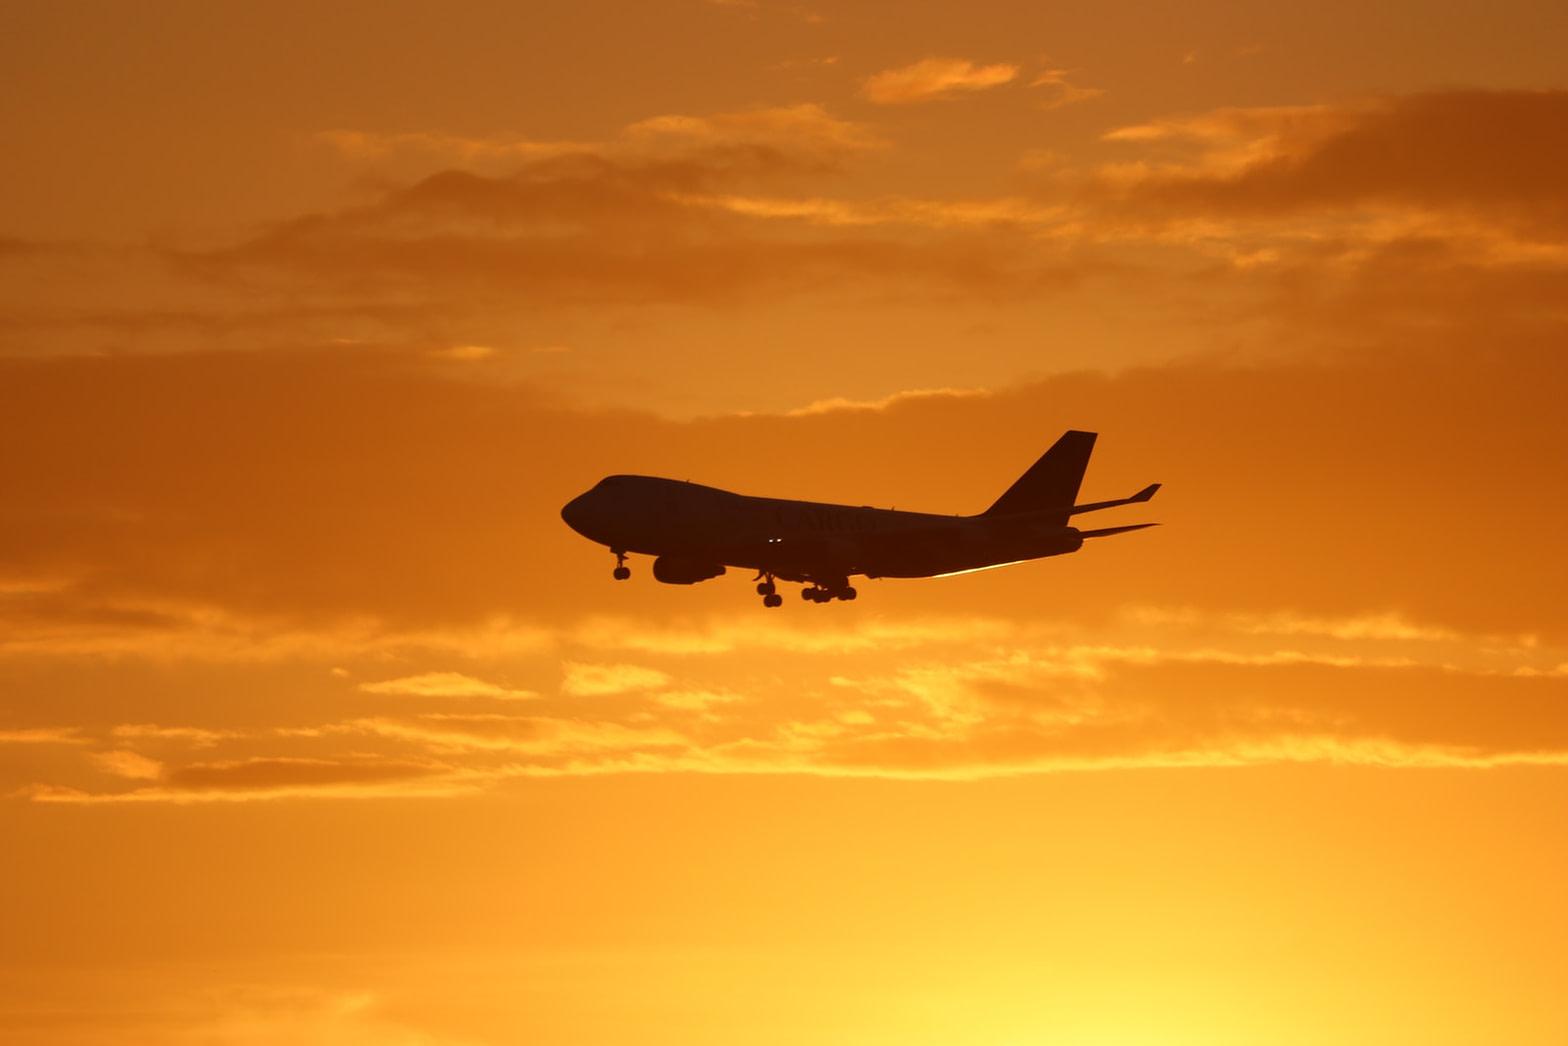 معلومات عن الرحلات المتجة من مطار الرياض الى العلا